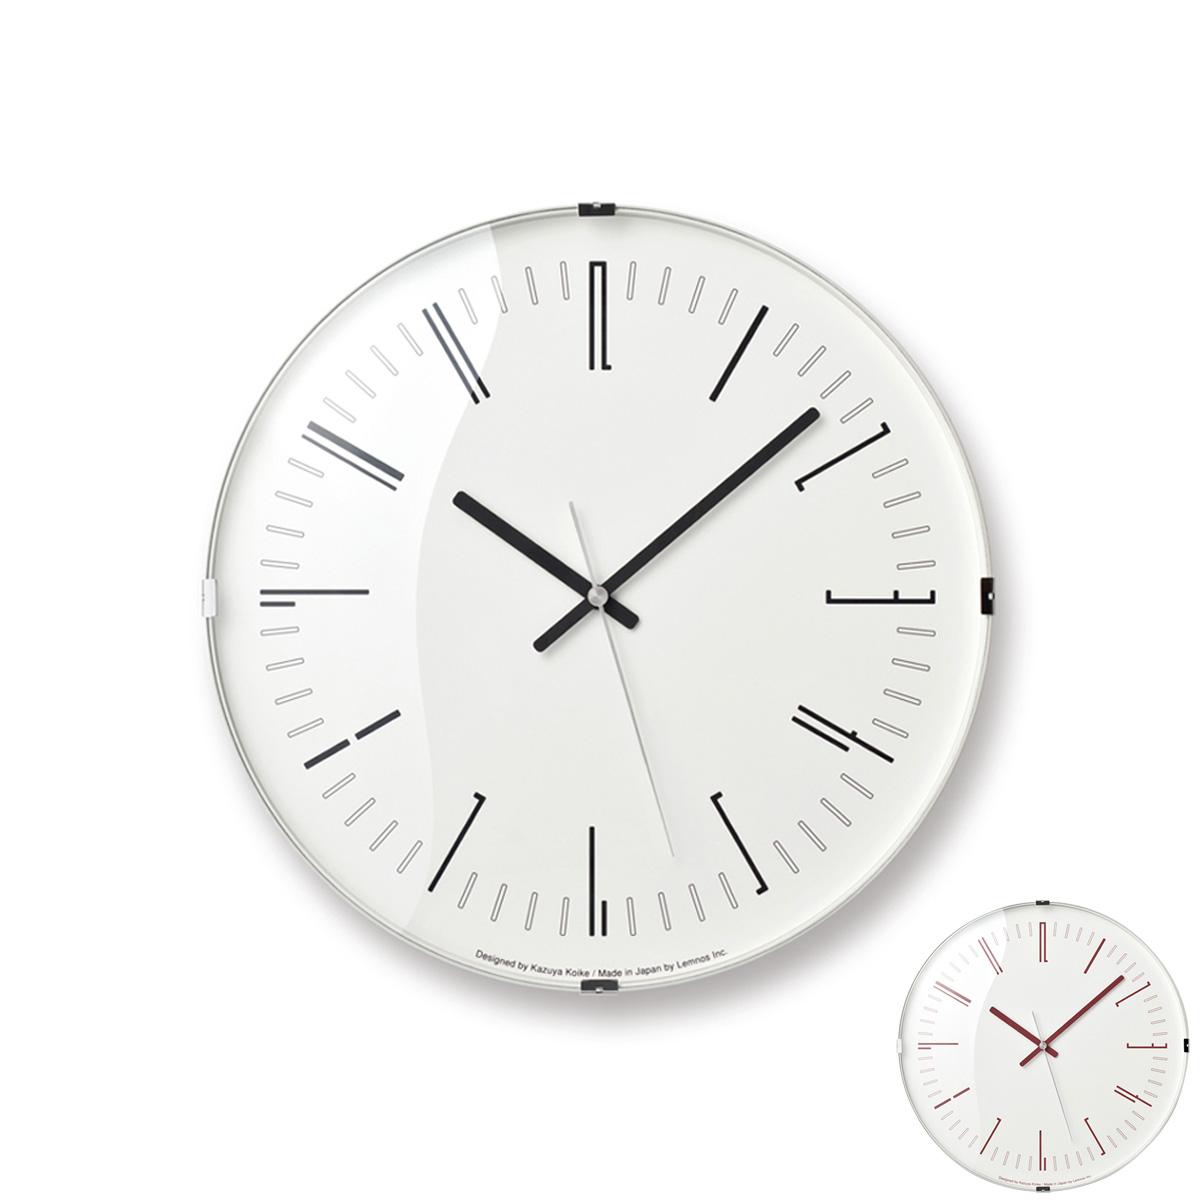 【あす楽】Draw wall clock 電波時計 レッド/ブラック 送料無料 時計 壁掛け 掛時計 インテリア Lemnos レムノス タカタレムノス デザイン オシャレ